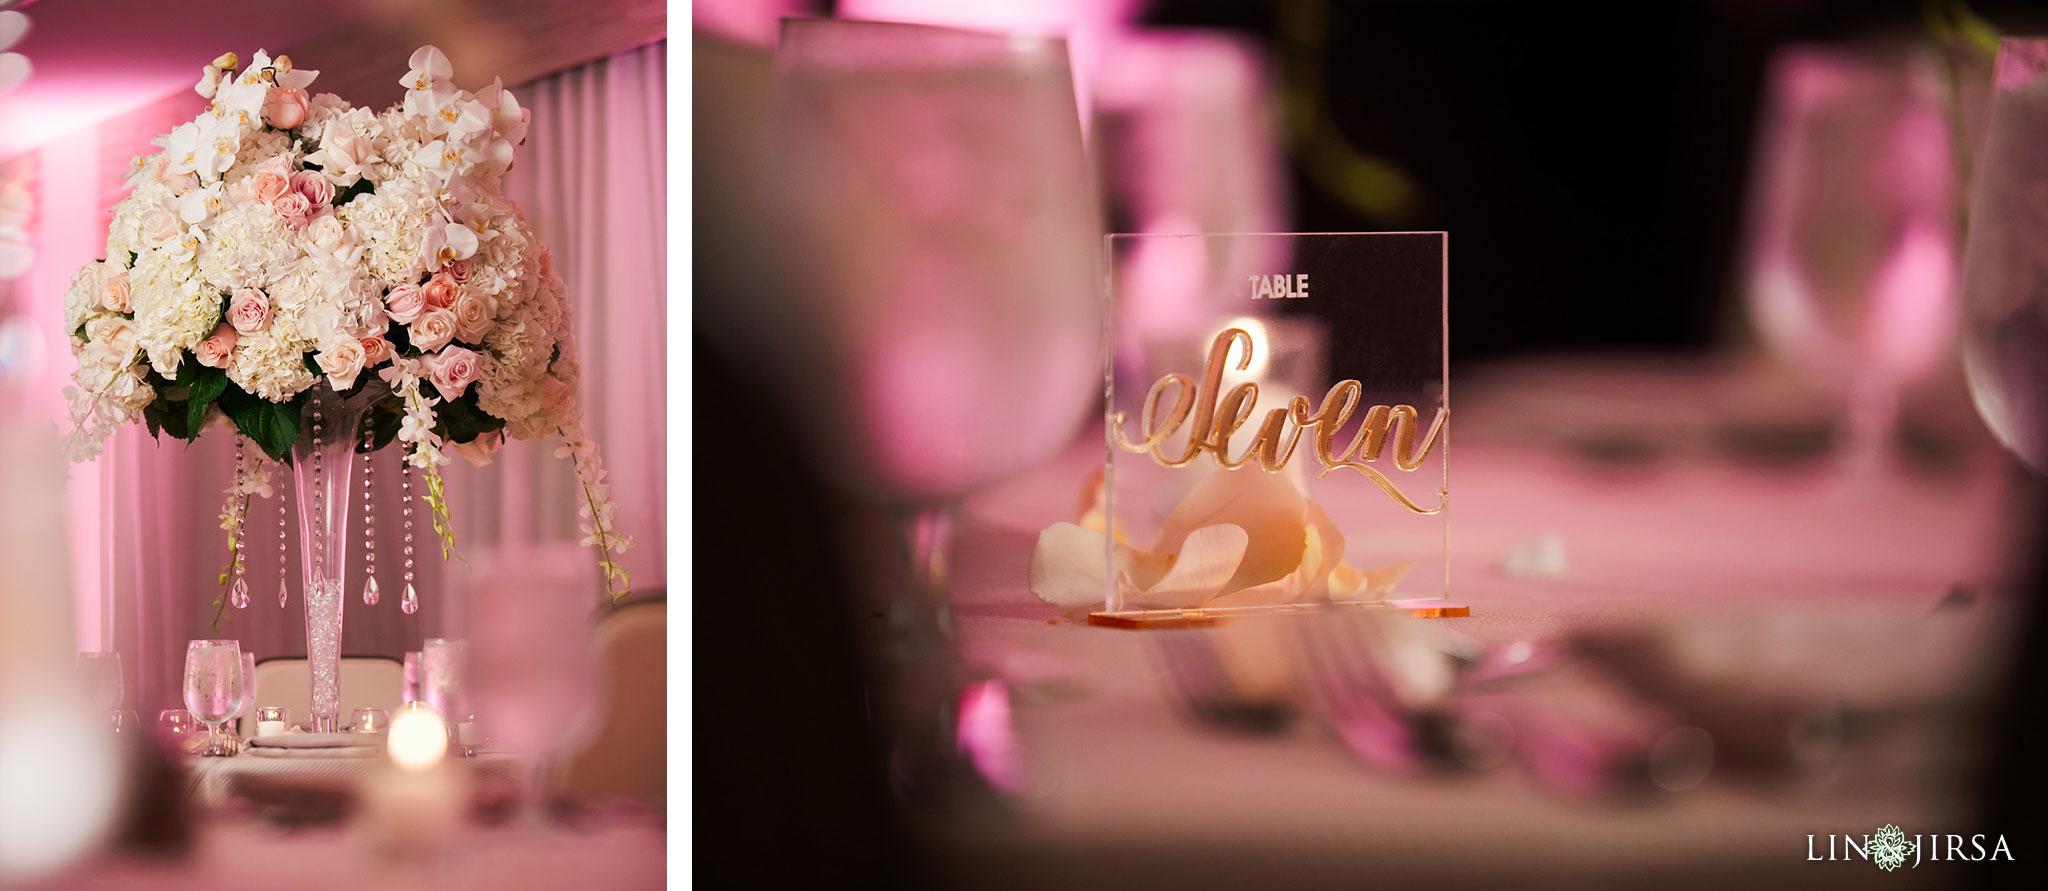 042 estancia la jolla hotel spa persian wedding reception photography